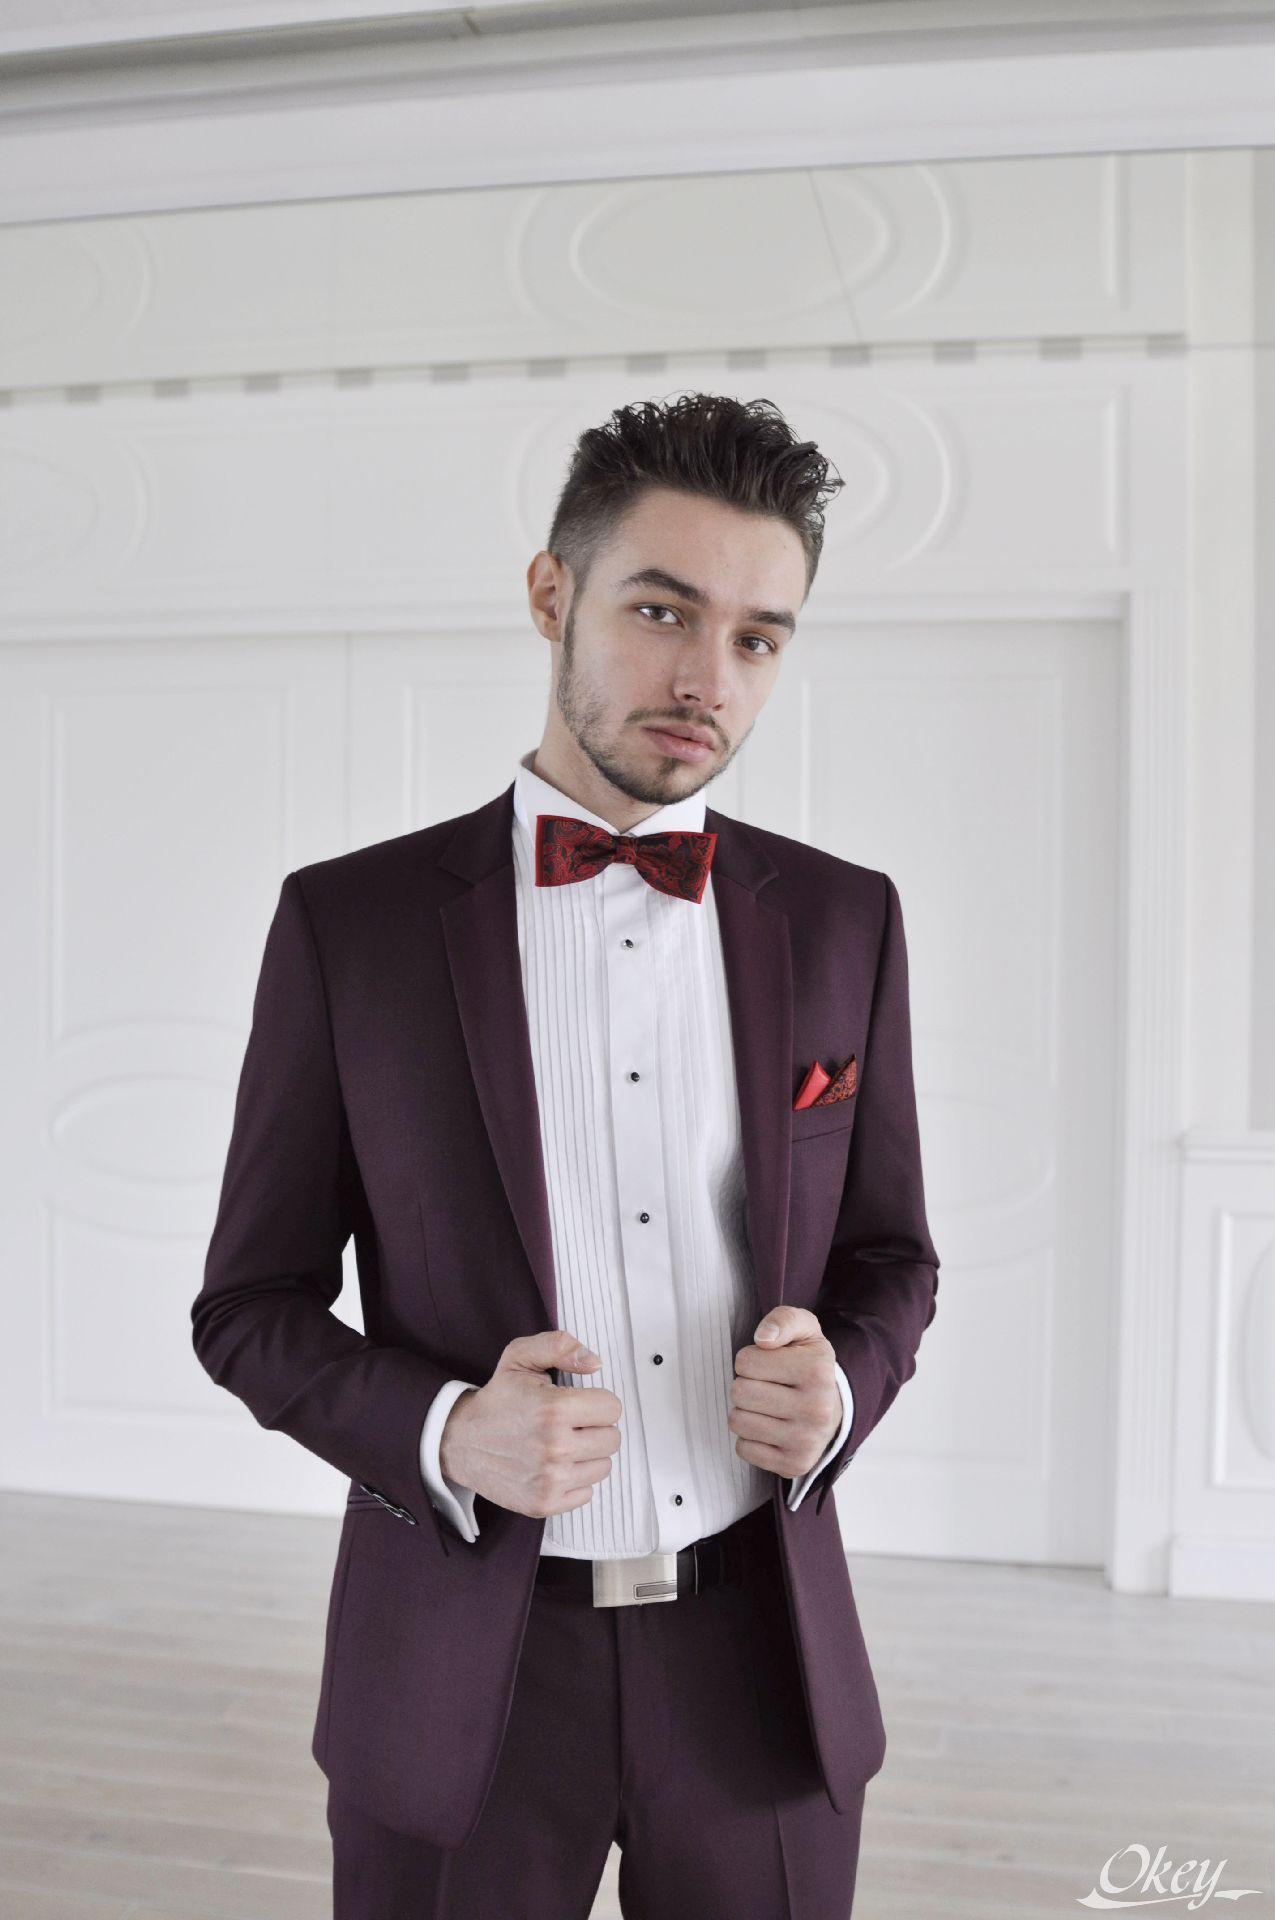 b8bcb0c991293 W naszym salonie służymy zawsze pomocą w wyborze stylizacji ślubnej zarówno  dla Pana młodego jaki gości.